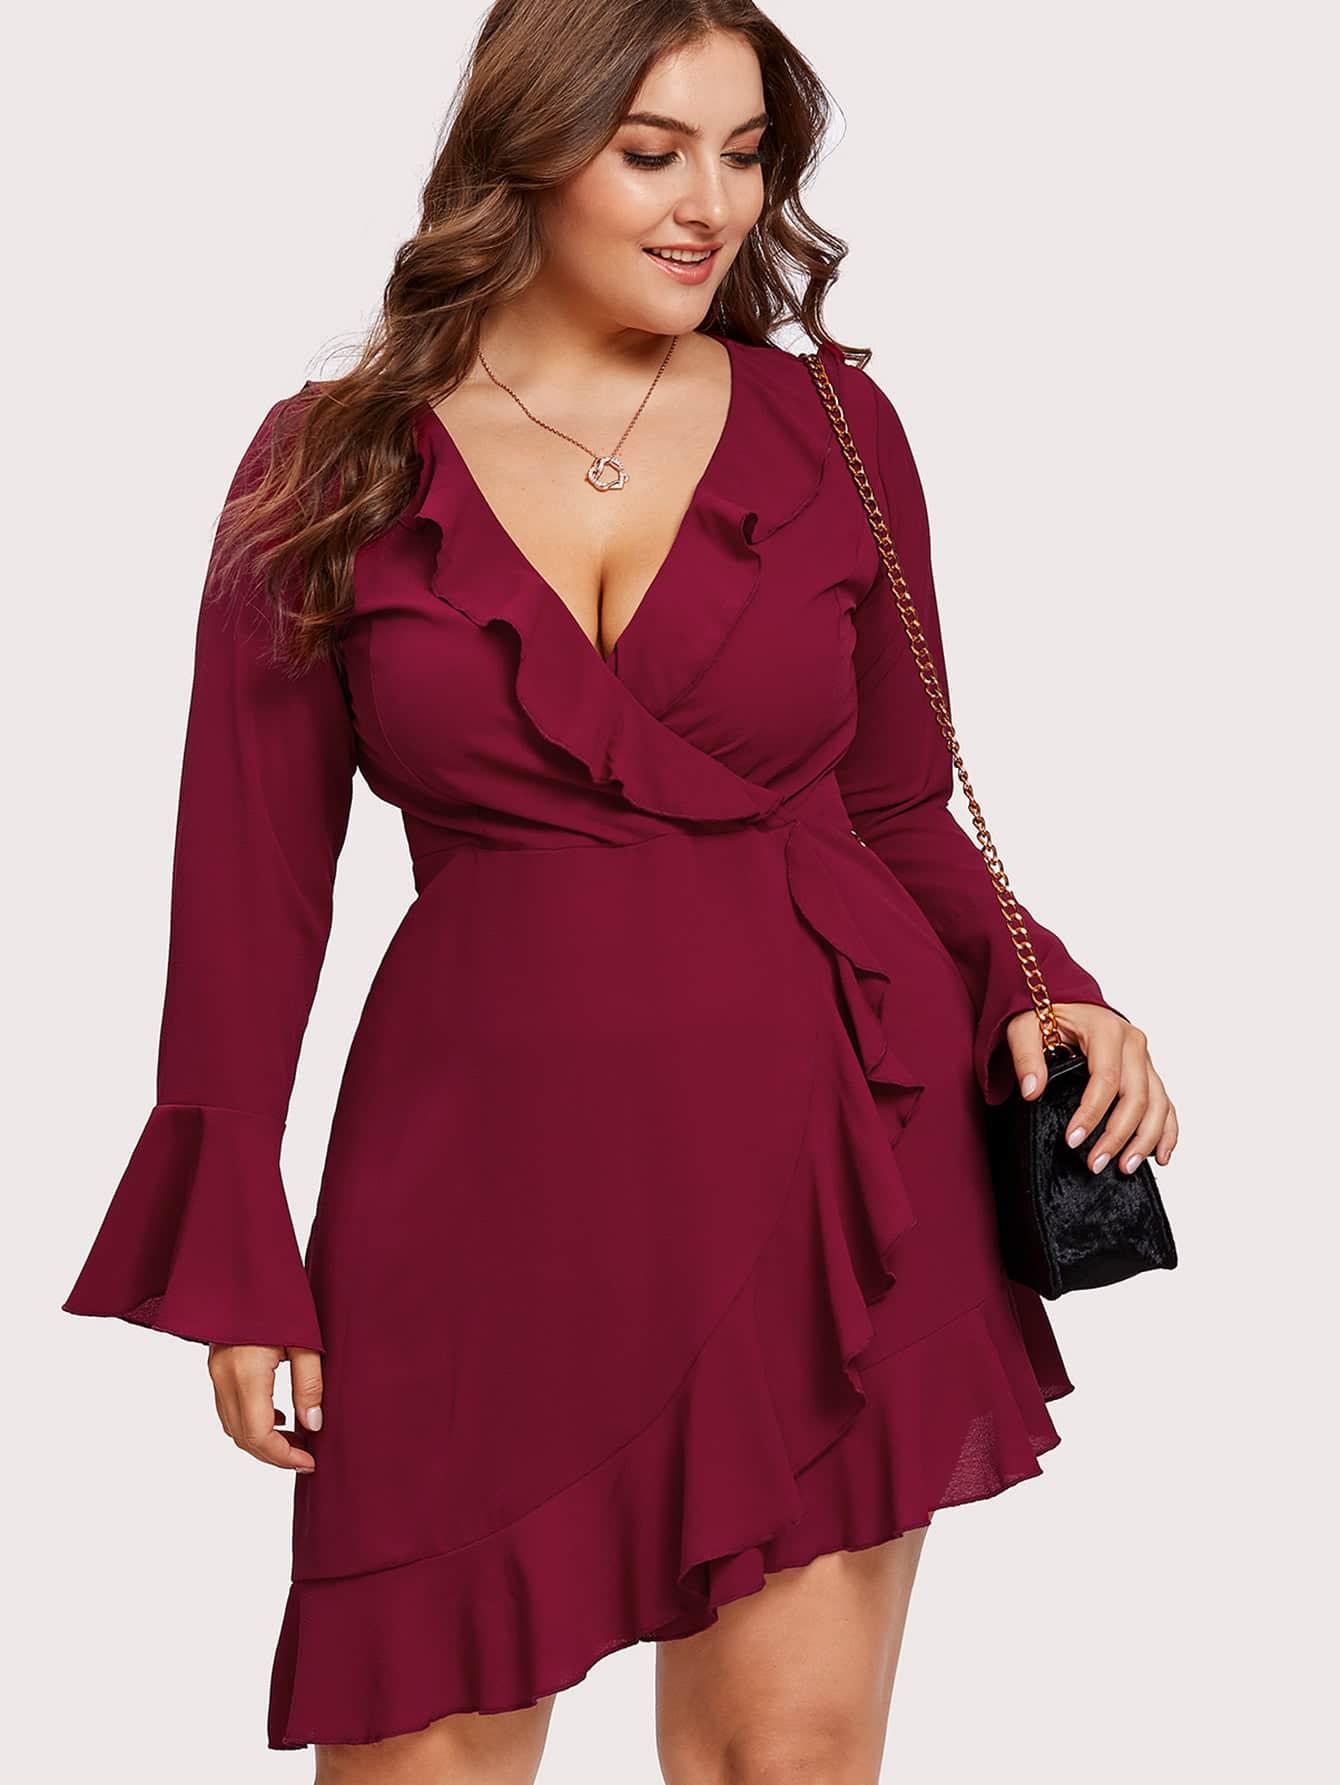 Купить Модное платье с запахом и оборкой, Franziska, SheIn